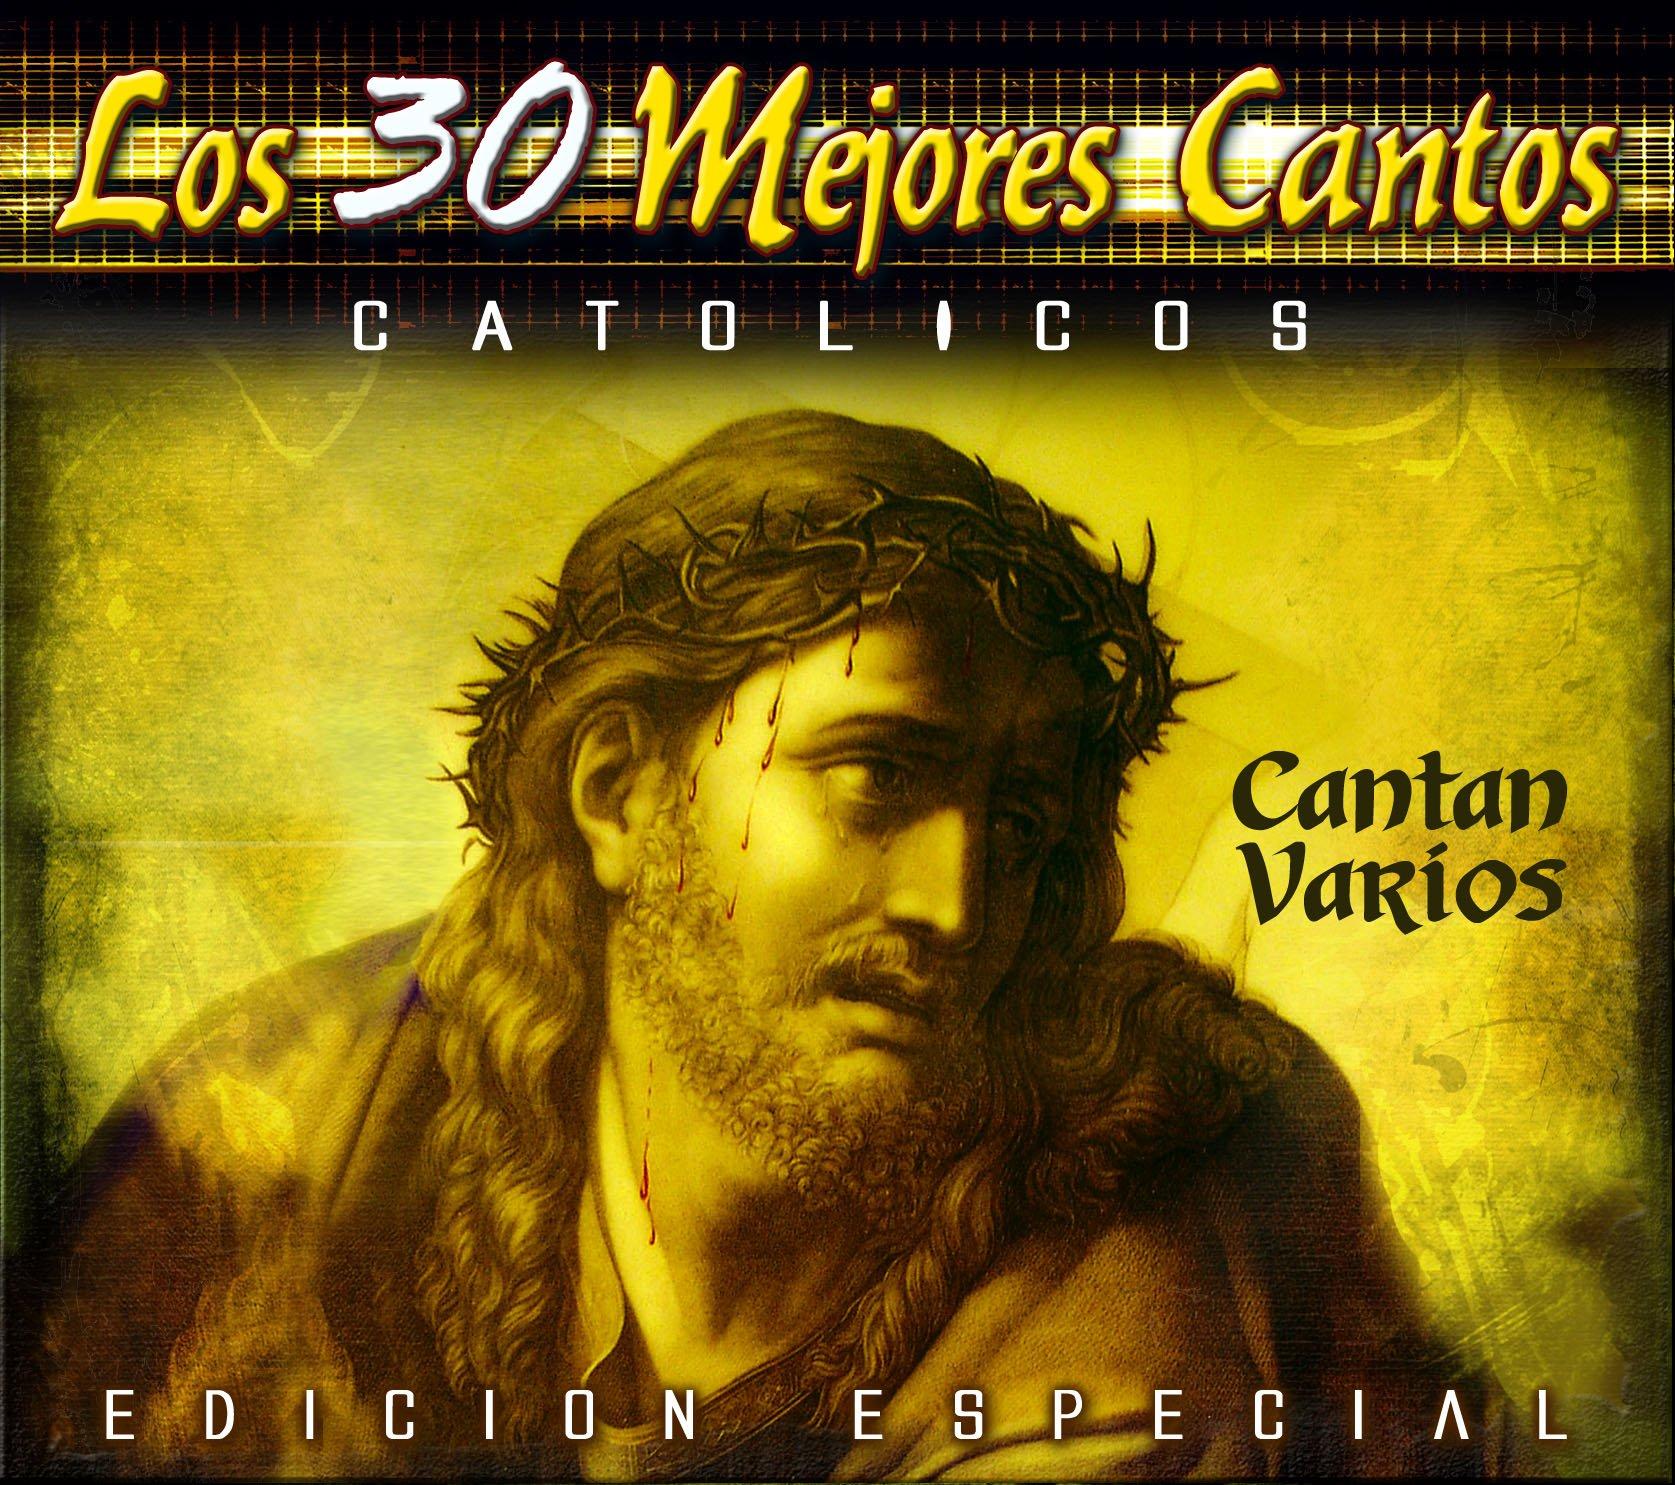 Los 30 Mejores Cantos Catolicos by AJR Discos